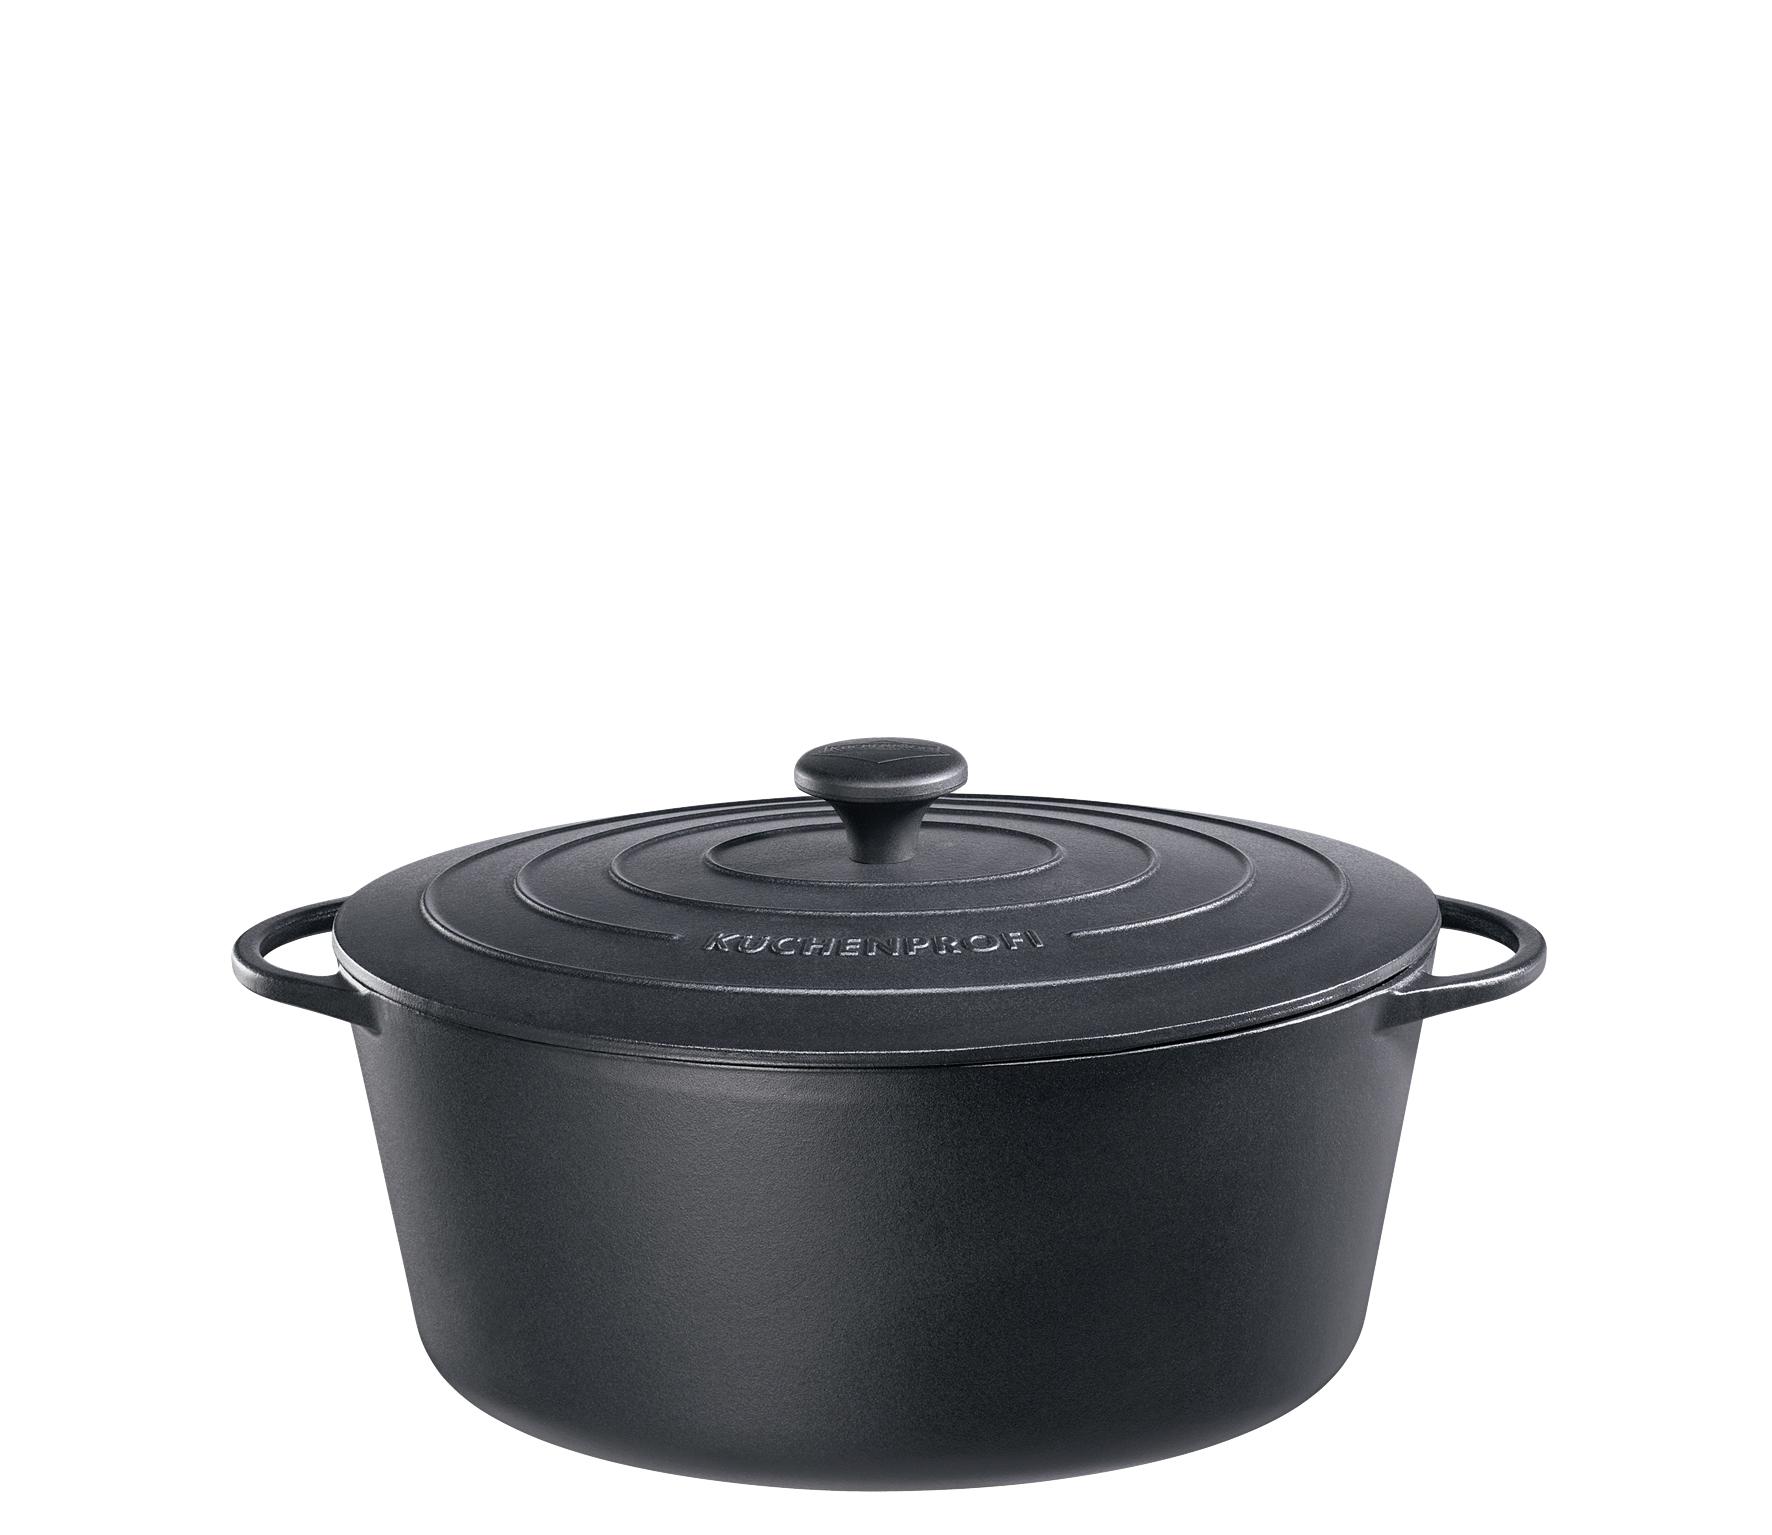 Litinový hrnec 31 cm černý Provence - Küchenprofi